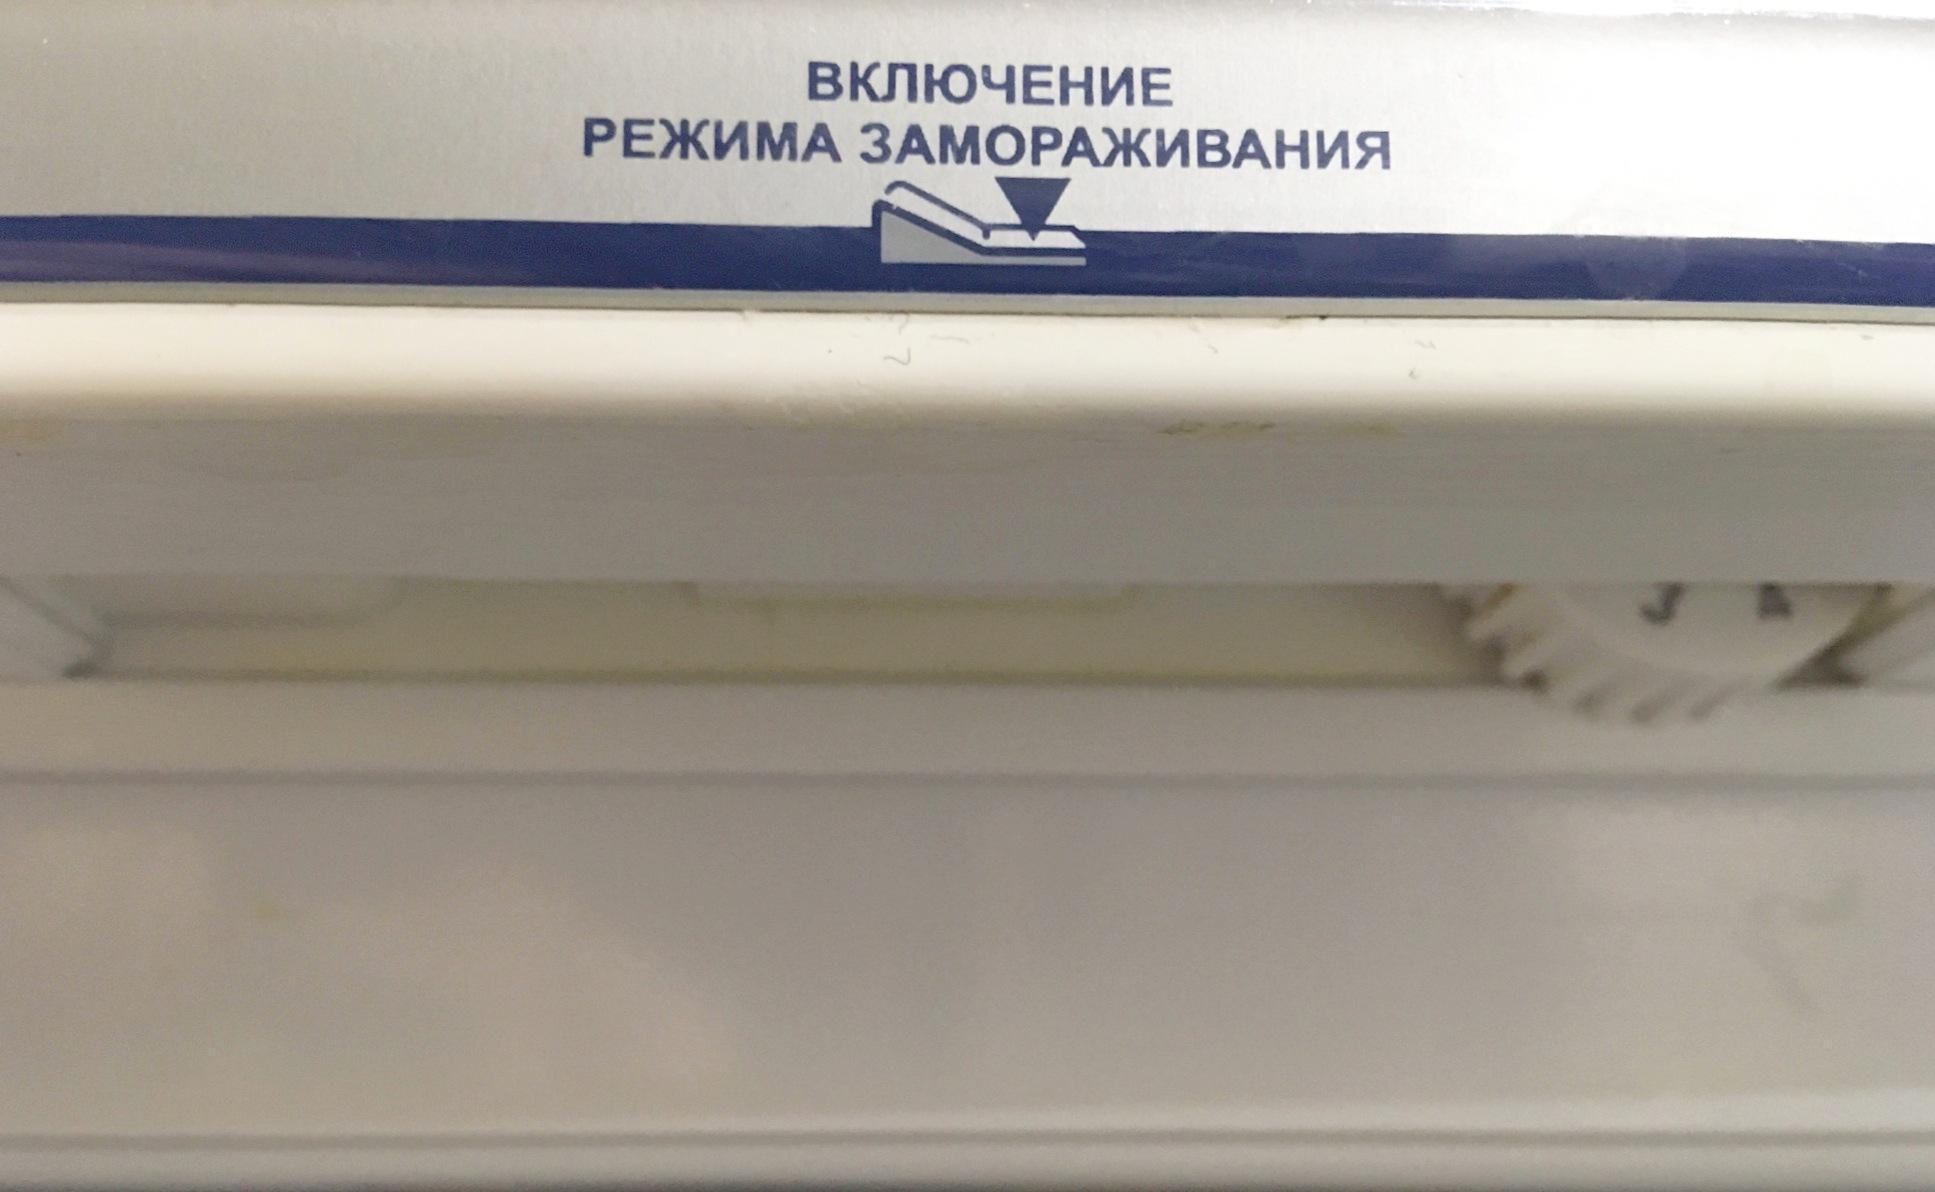 включение режима замораживания на холодильнике